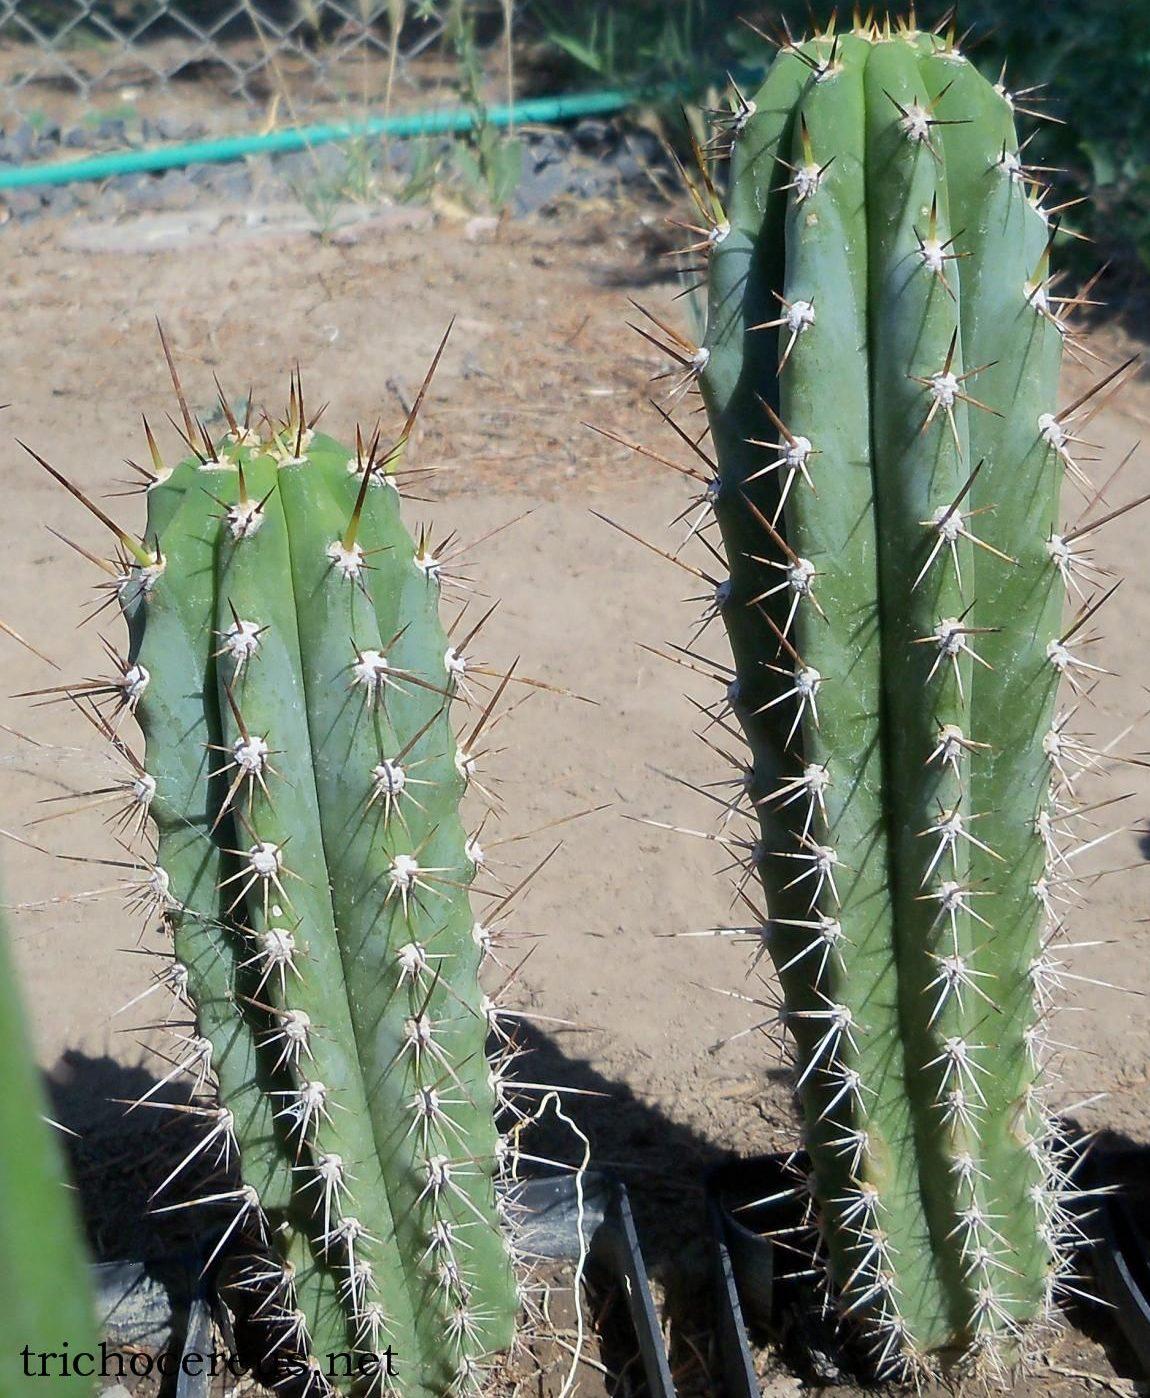 Trichocereus glaucus Echinopsis glauca Auxin photo EG2